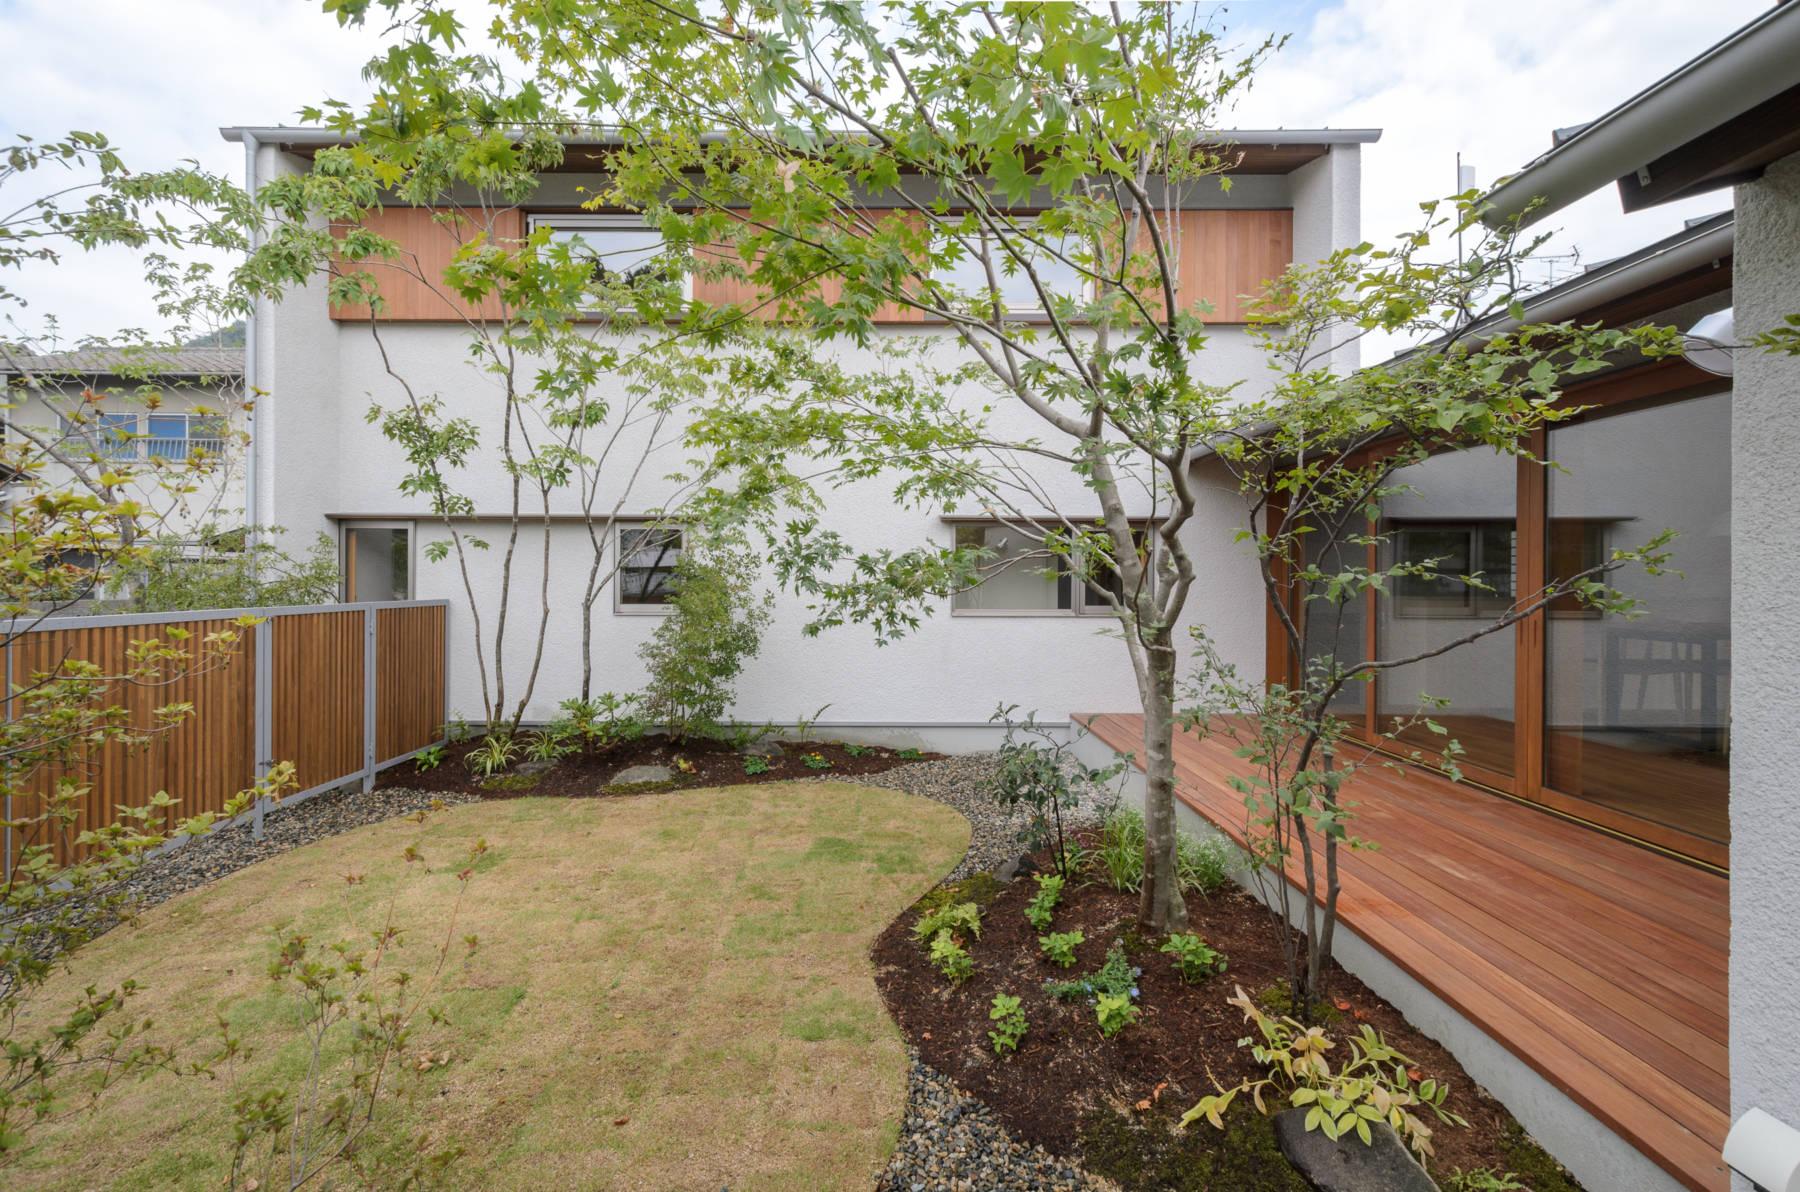 津島福居の家 大開口の自然素材の家